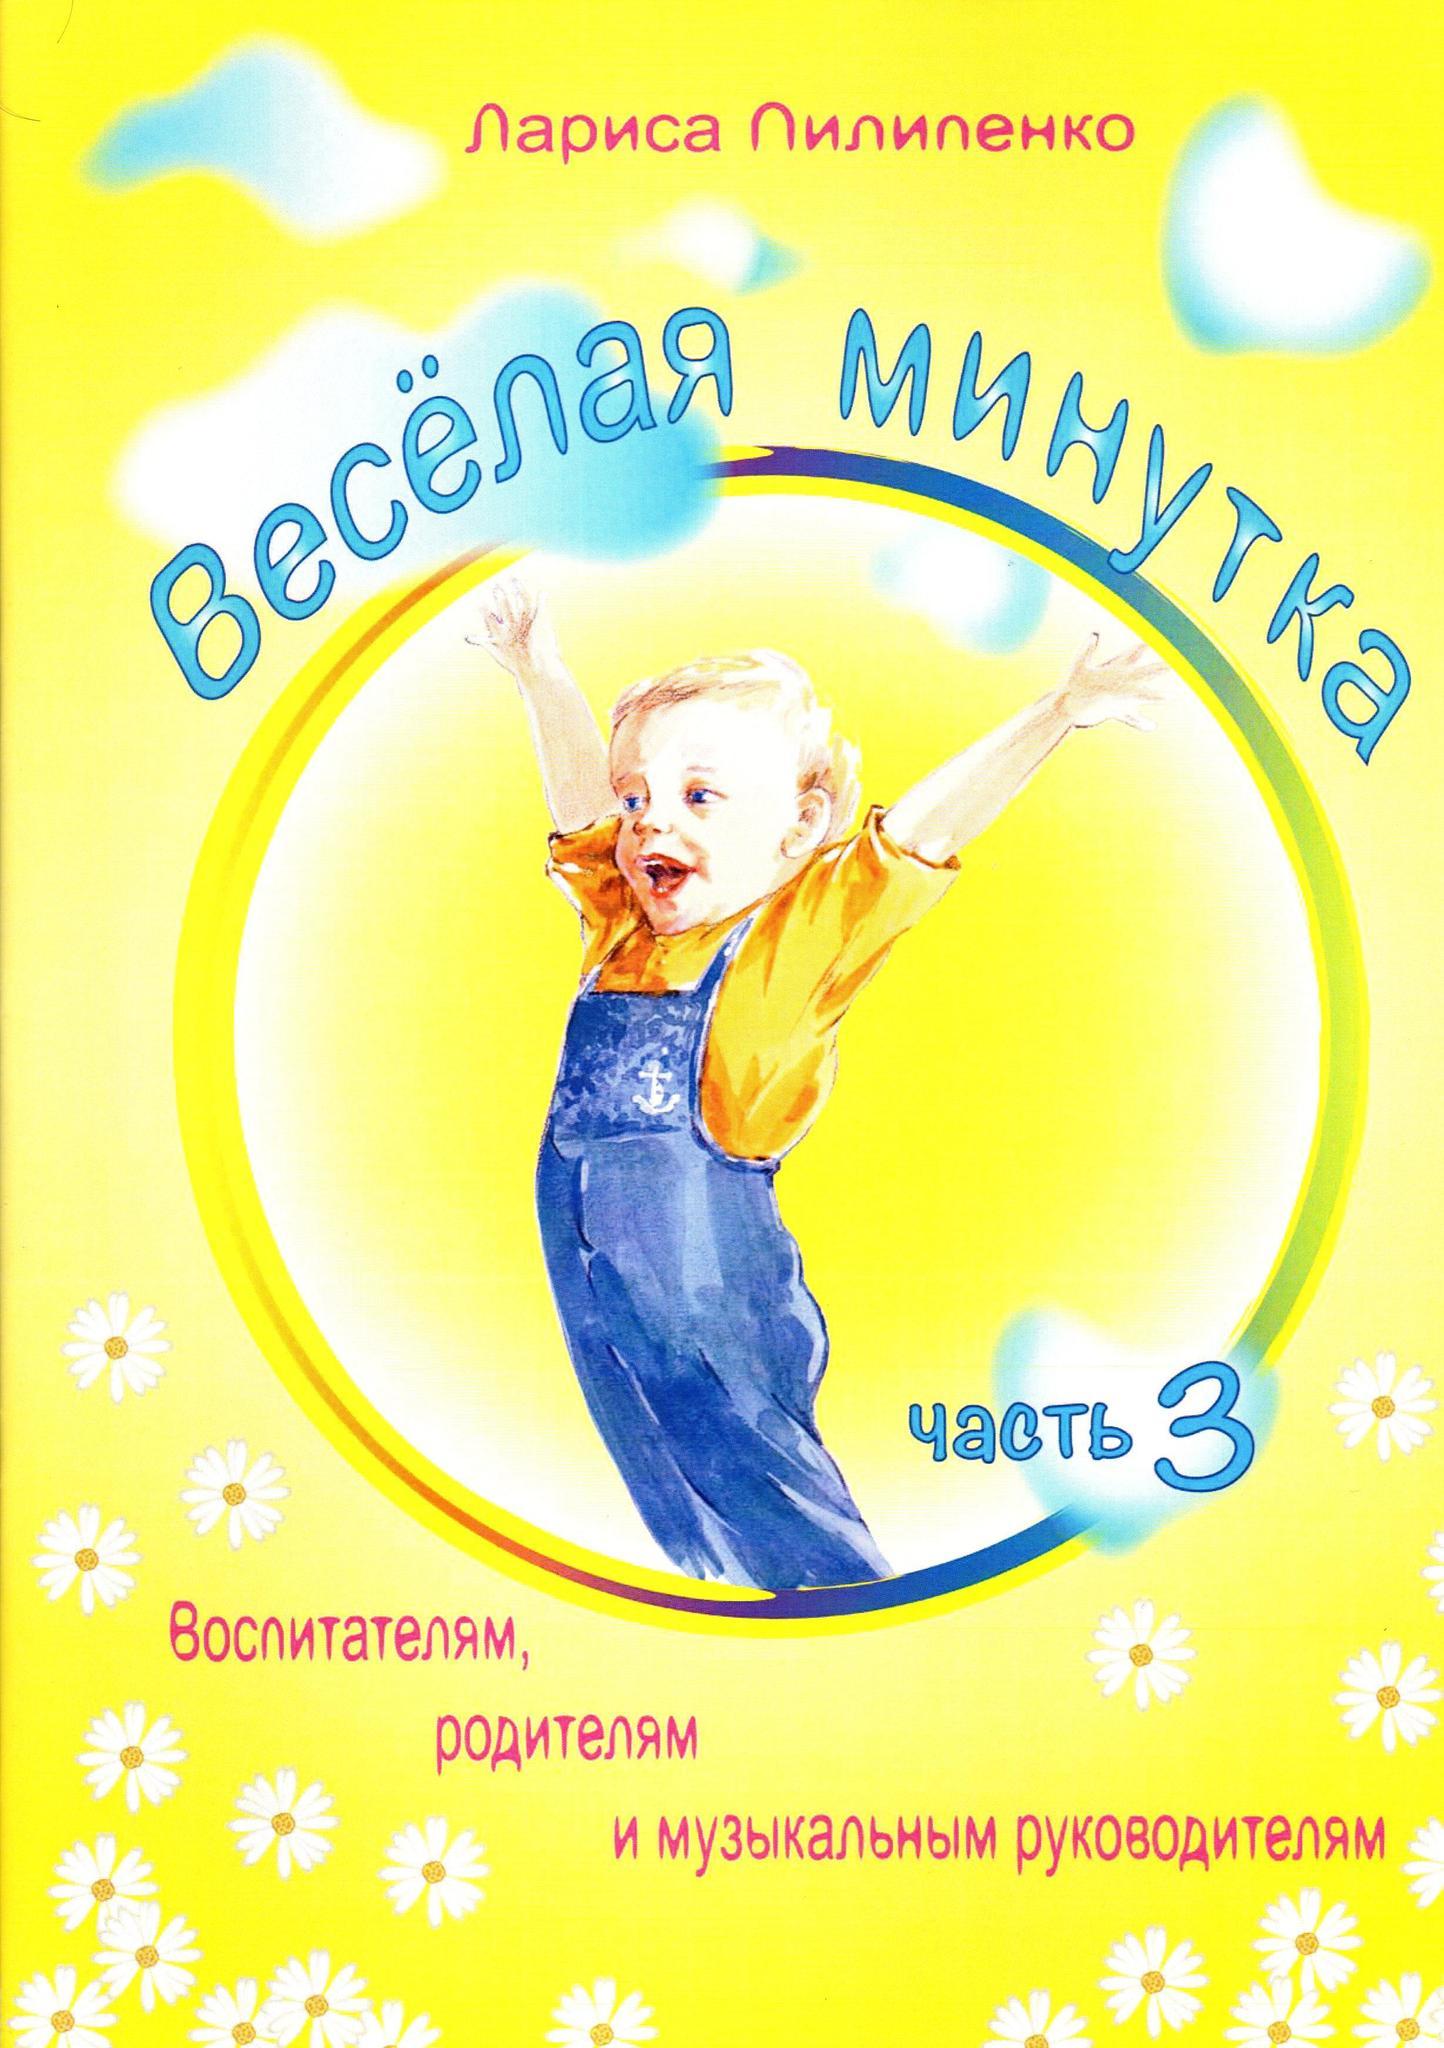 Л. Пилипенко. Весёлая  минутка. Физкультминутки для детей. Выпуск 3.